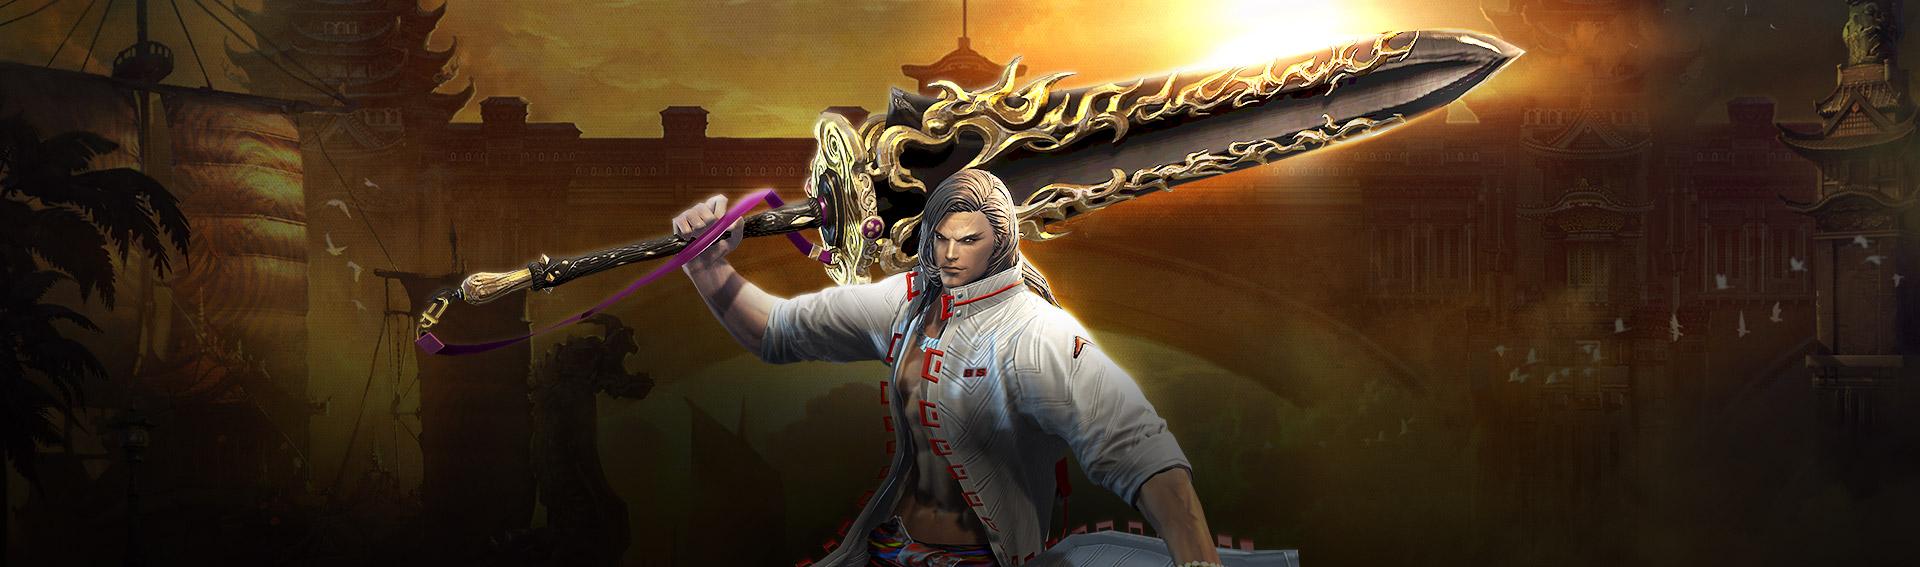 Blade&Soul-Warden-01